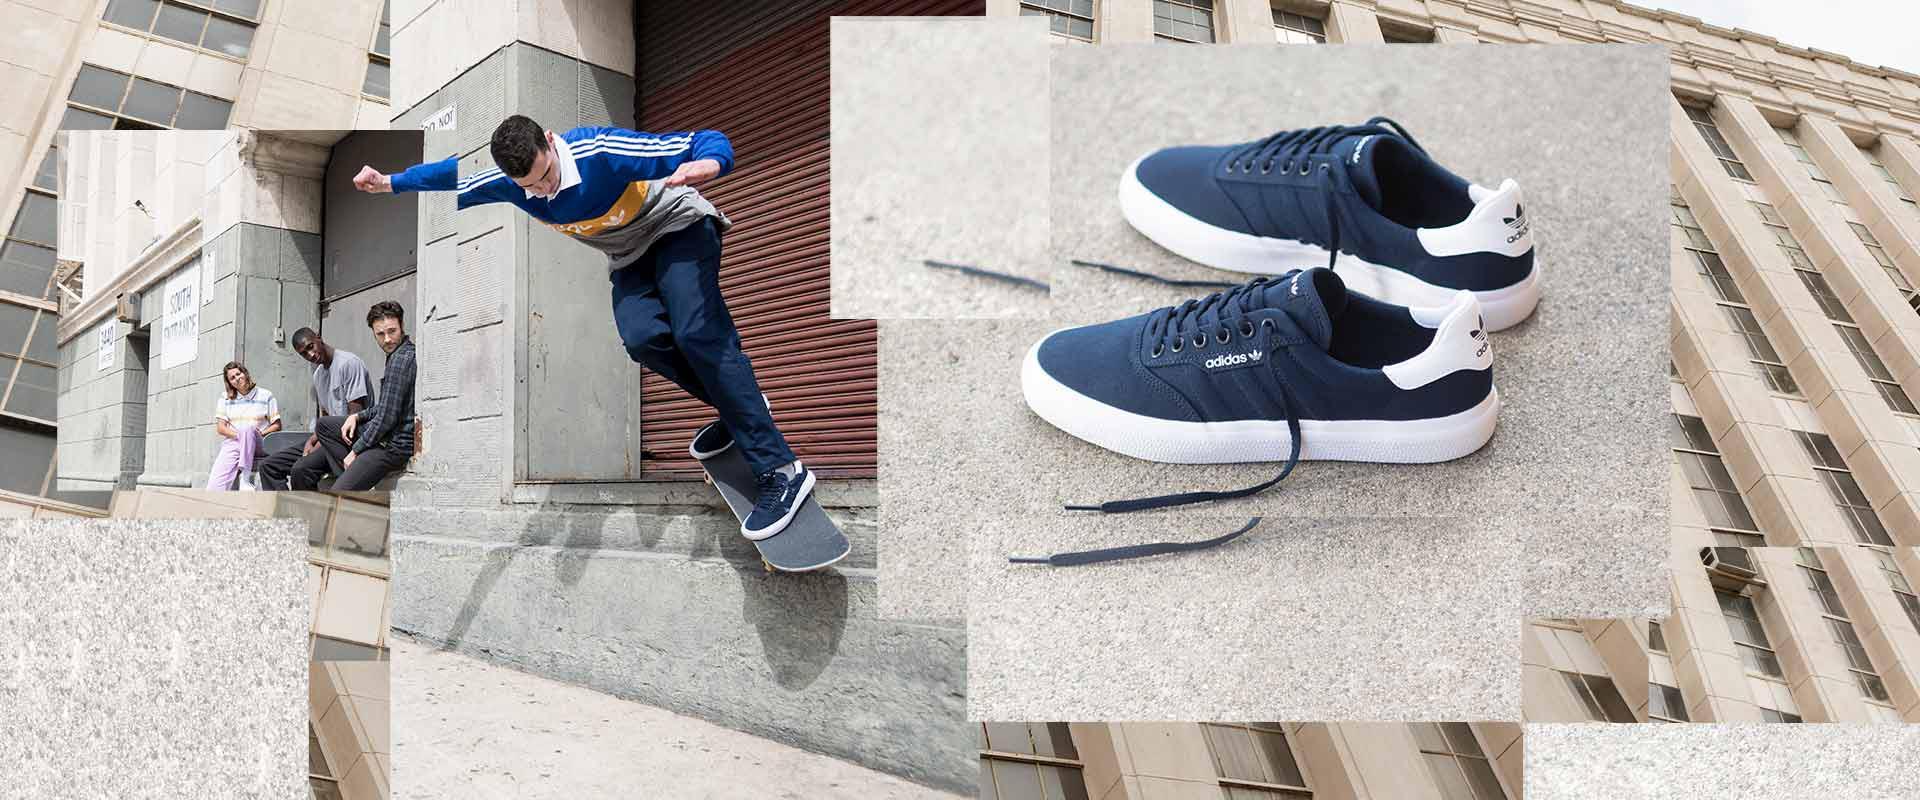 ddc2aa8d4c ... la 3MC mezcla elementos esenciales y características de desempeño del enriquecido  archivo de adidas y de sus modernas zapatillas de skate